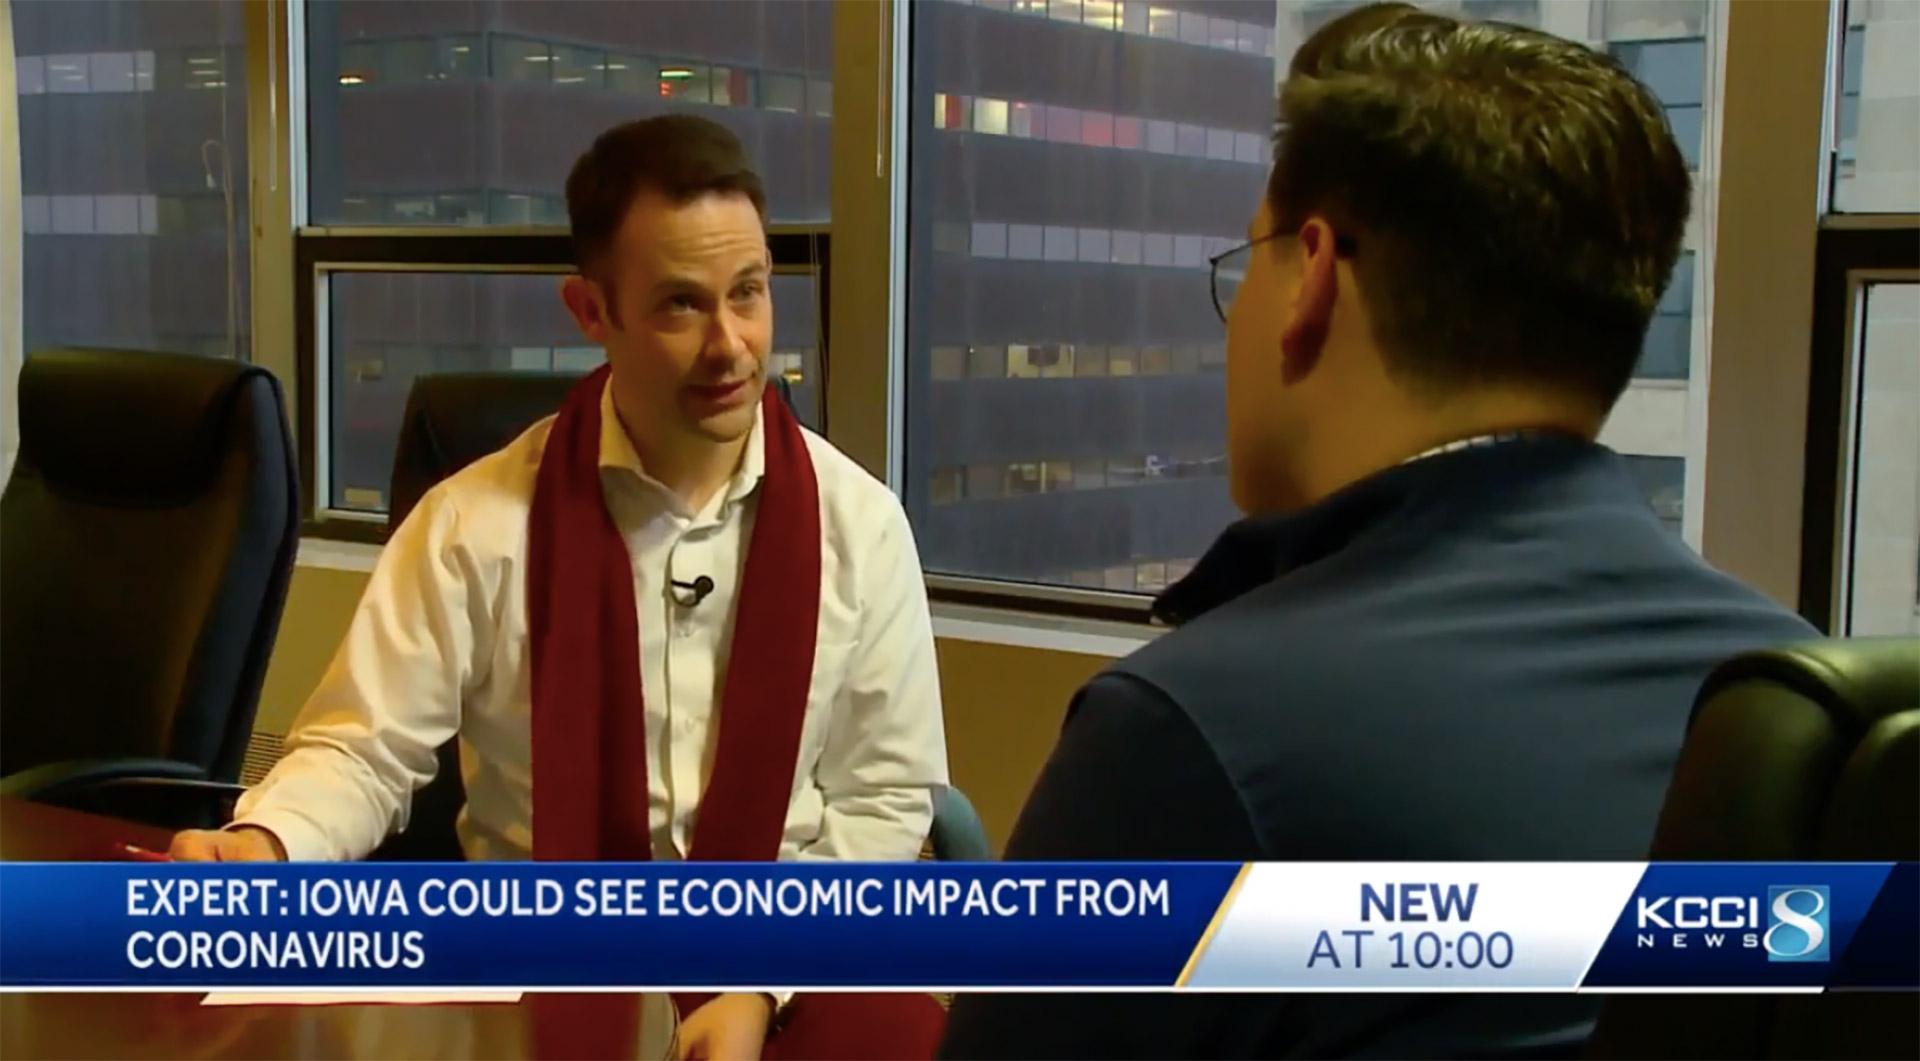 Coronavirus Could Impact Iowa's Economy